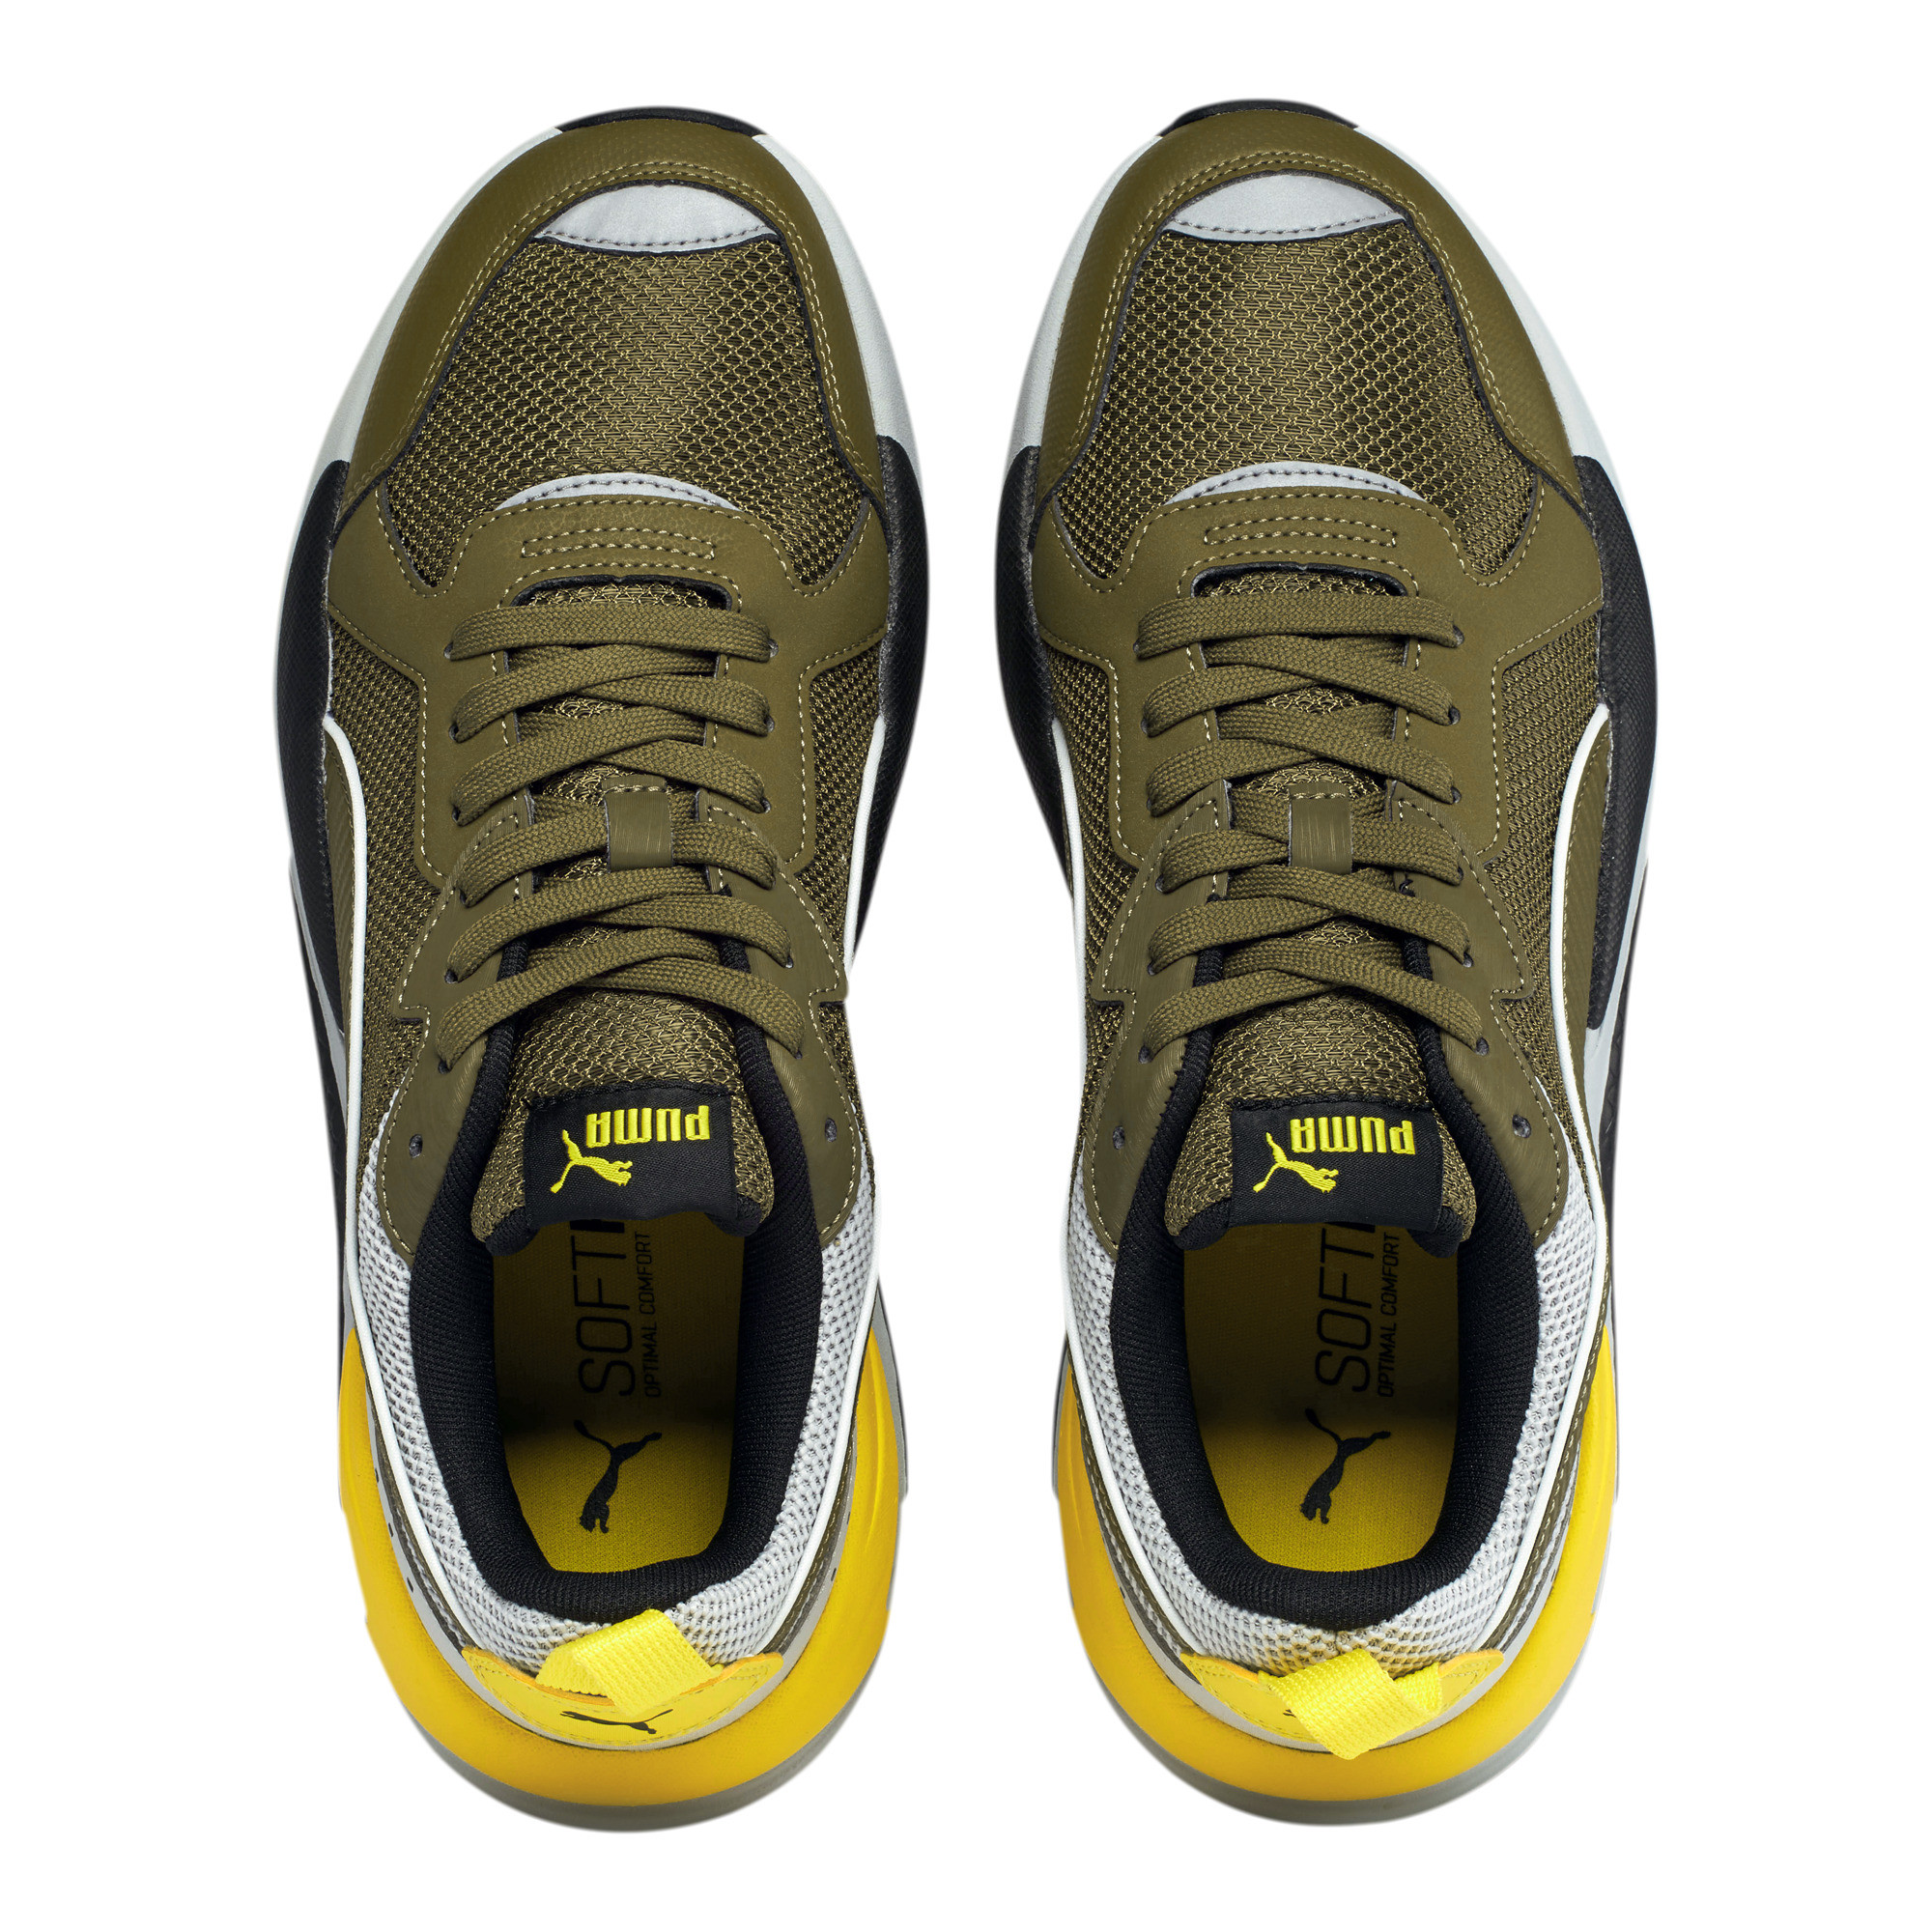 PUMA-X-RAY-Mesh-Men-039-s-Sneakers-Men-Shoe-Basics thumbnail 13